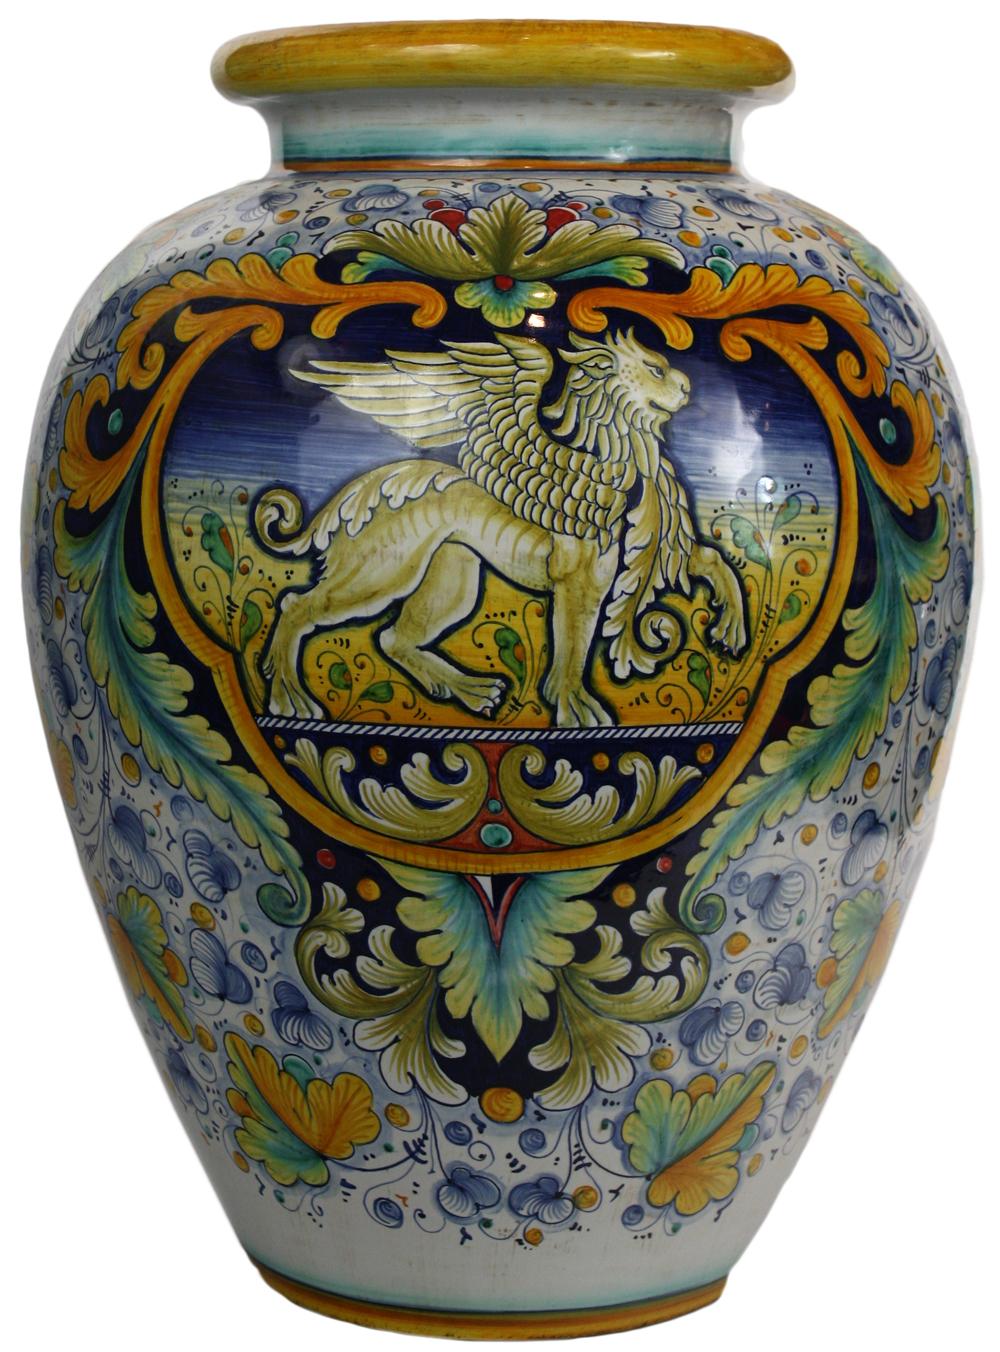 Italian Ceramic Floor Vase Griffin View Detailed Images 1